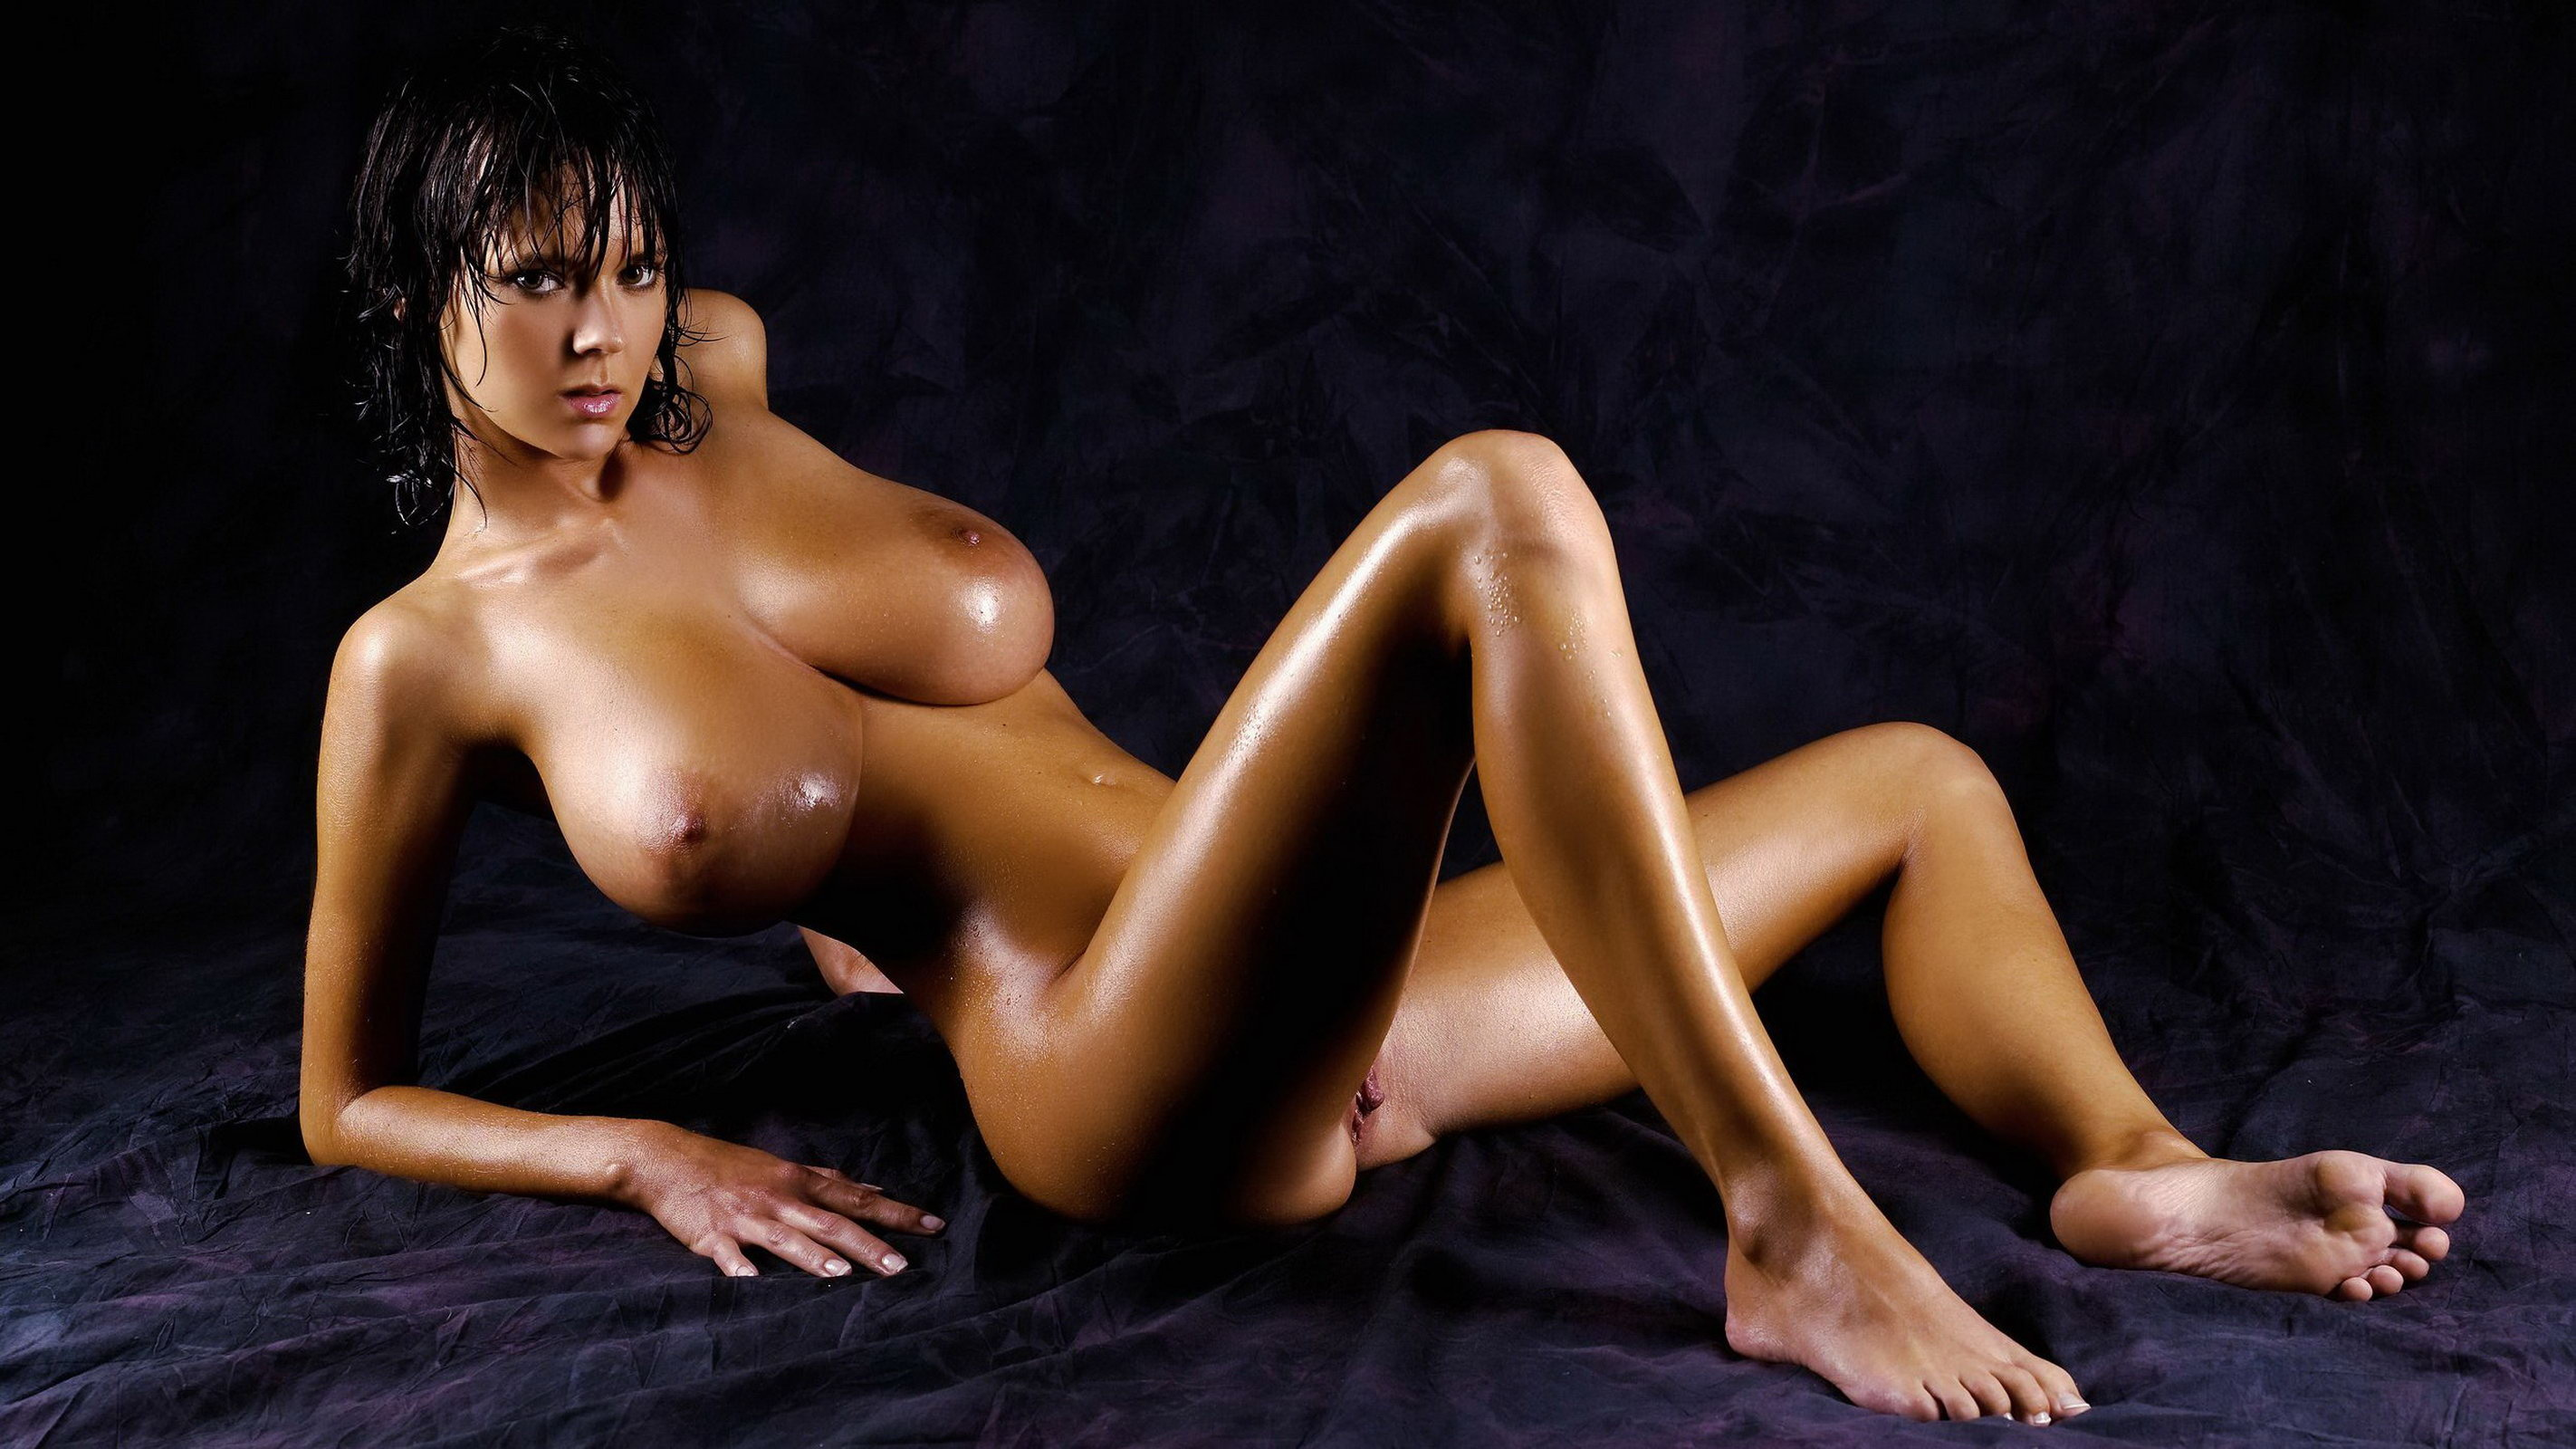 Karrine steffans porn pics